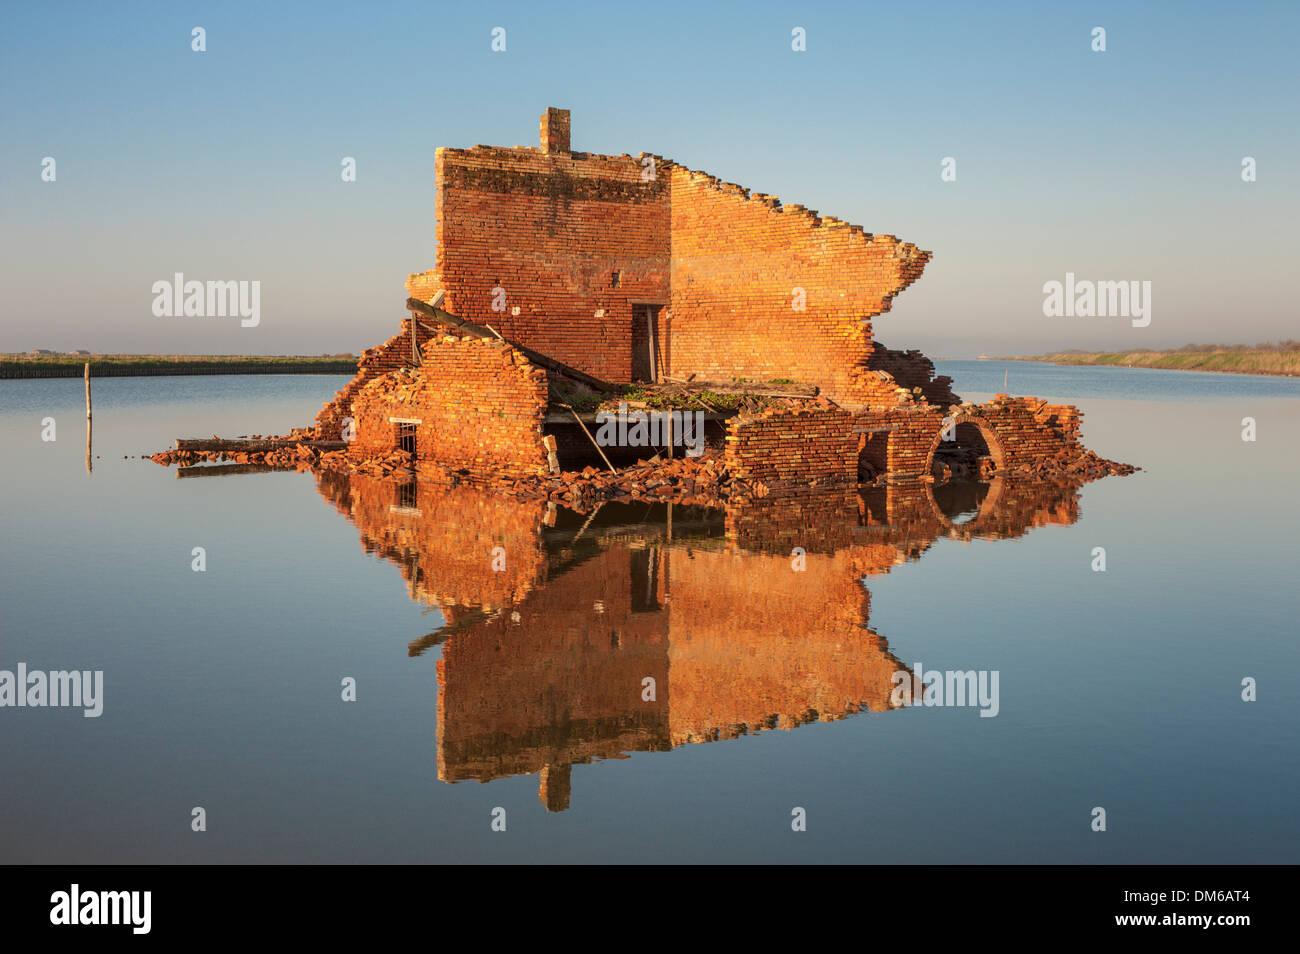 Ruine off eine rote Backsteingebäude in einer Lagune, mit Reflexionen, Po-Fluss-Delta, Comacchio, Emilia-Romagna, Italien Stockbild